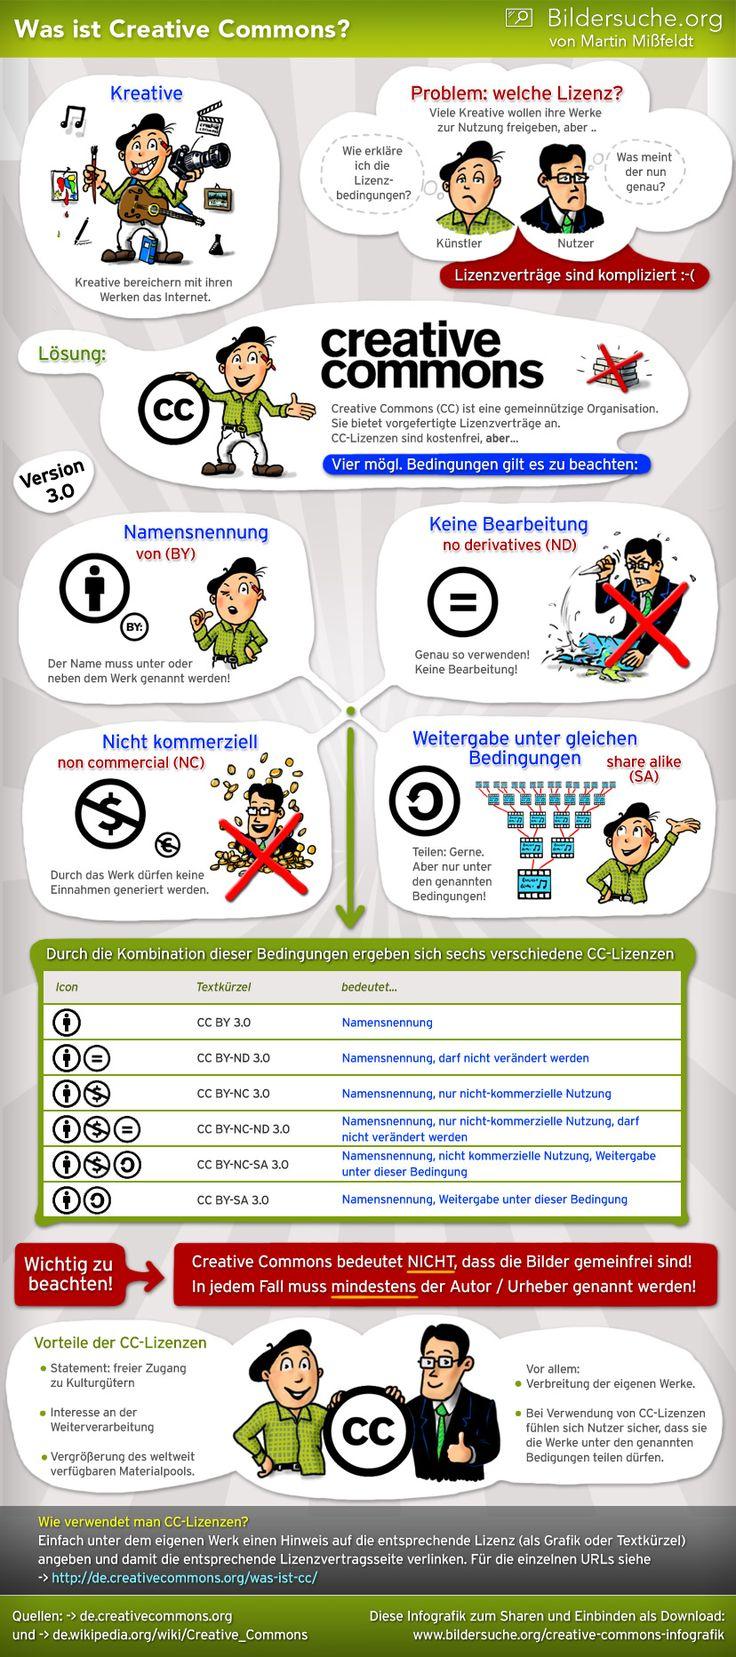 Creative Commons - Was ist und bedeutet das?